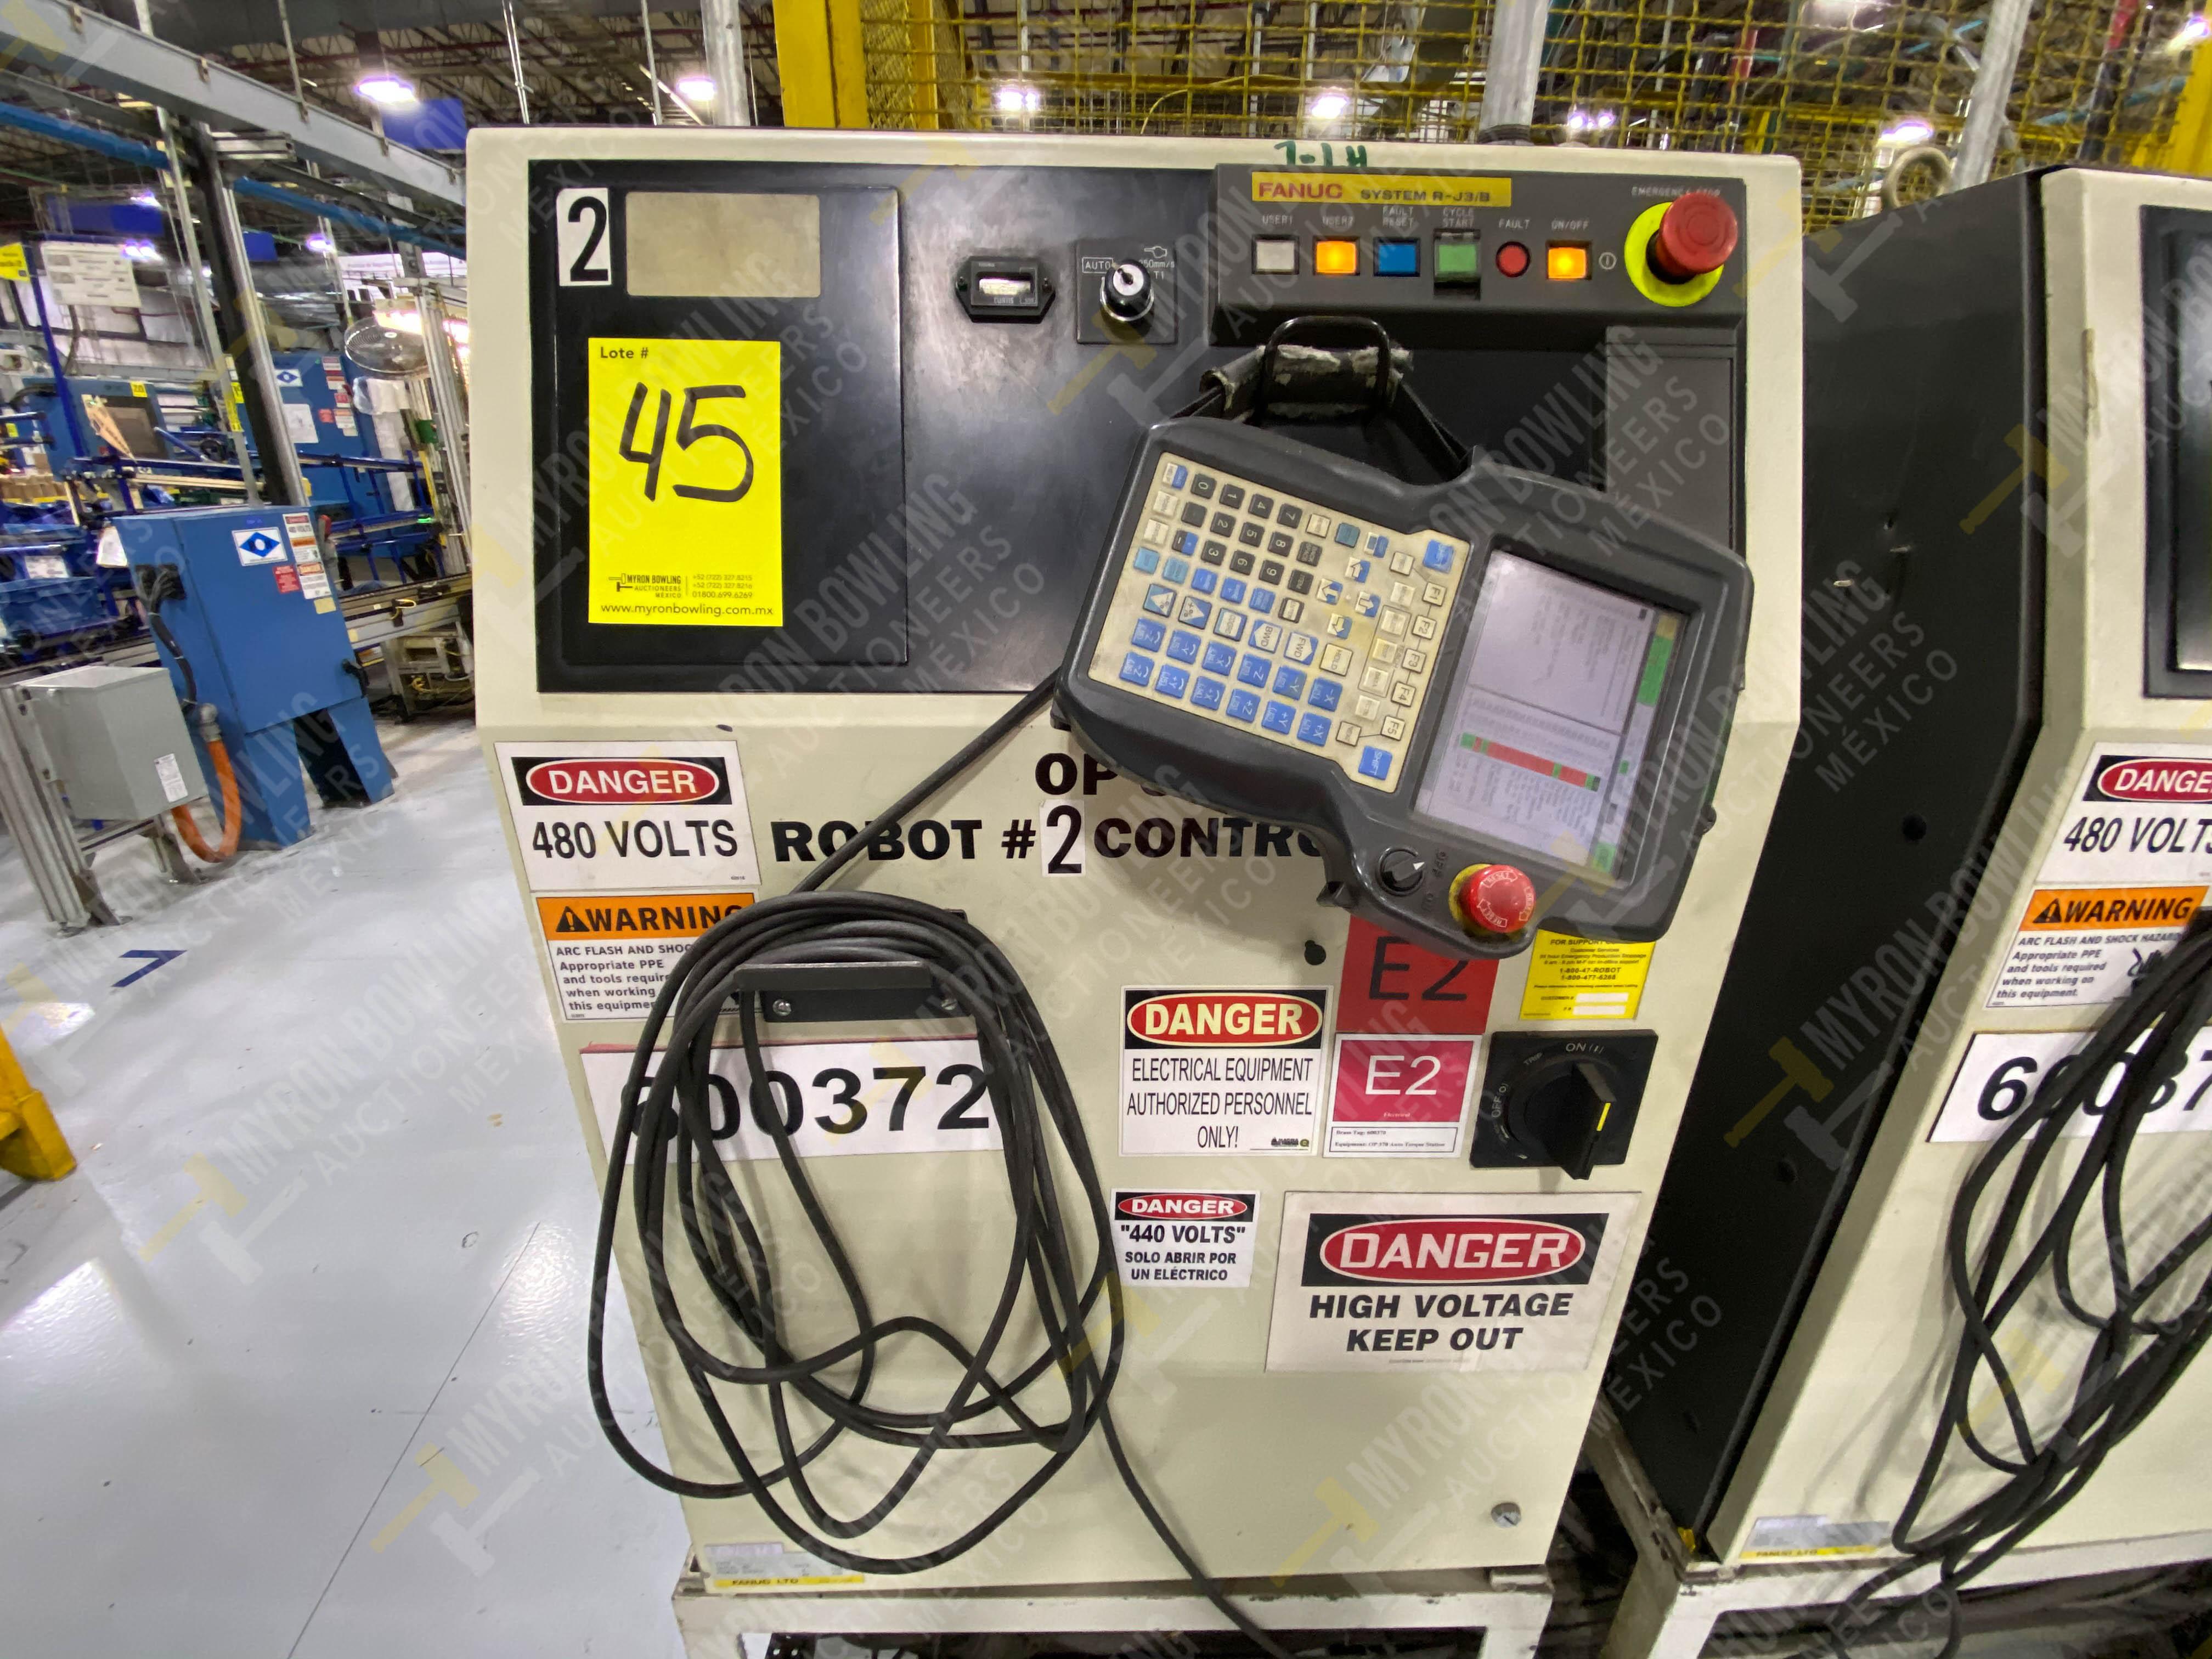 Robot con capacidad de carga de 15-30 Kg, controlador de robot y teach pendant - Image 4 of 12